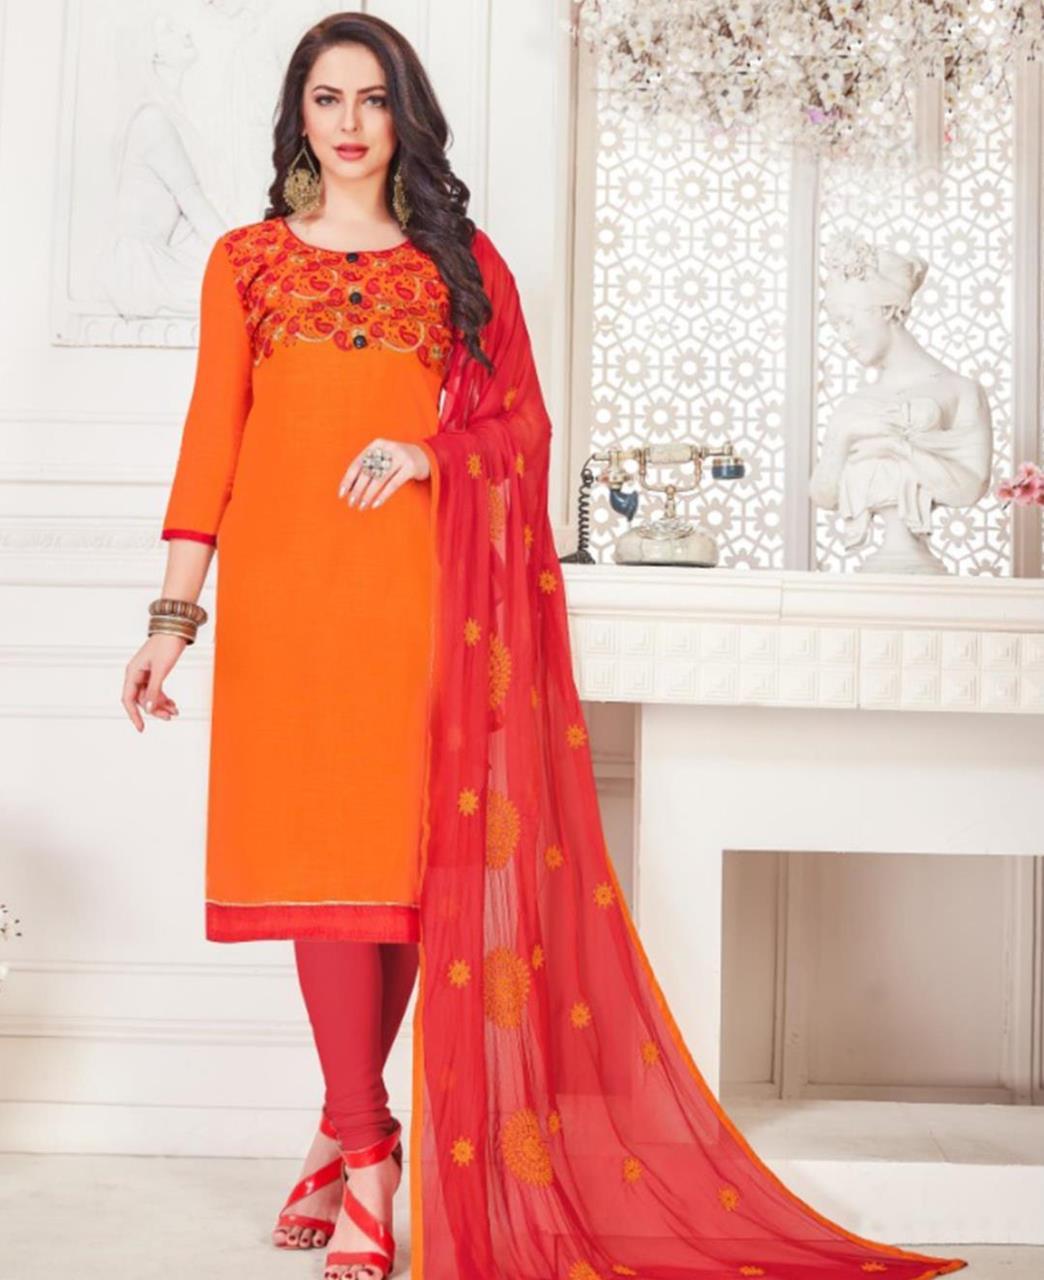 Embroidered Cotton Orange Straight Cut Salwar Kameez